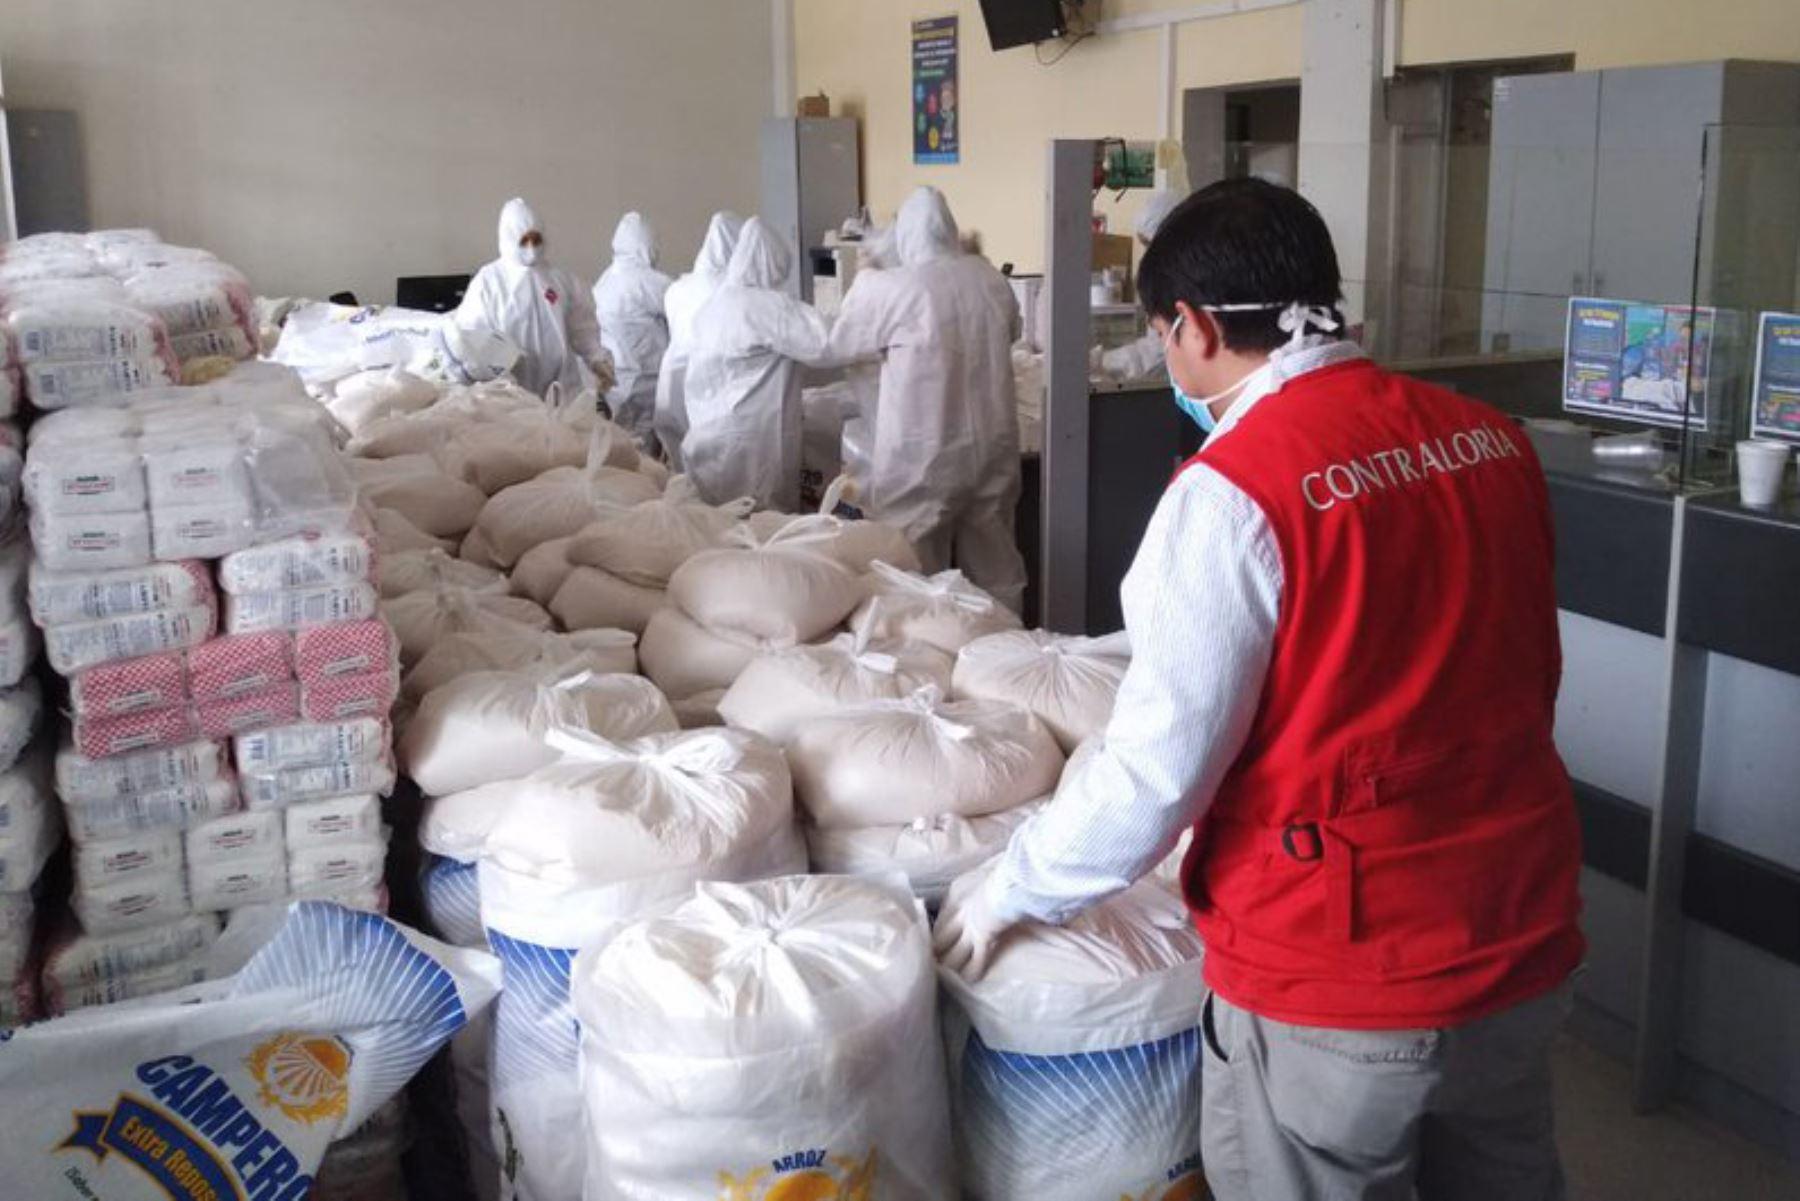 Auditores de la Contraloría visitan Municipalidad Provincial de Chachapoyas que recibió S/ 200 mil para compra y entrega de canastas de víveres a familias vulnerables por COVID19 durante el  Mega Operativo Emergencia sanitaria.  Foto:ANDINA/Difusión